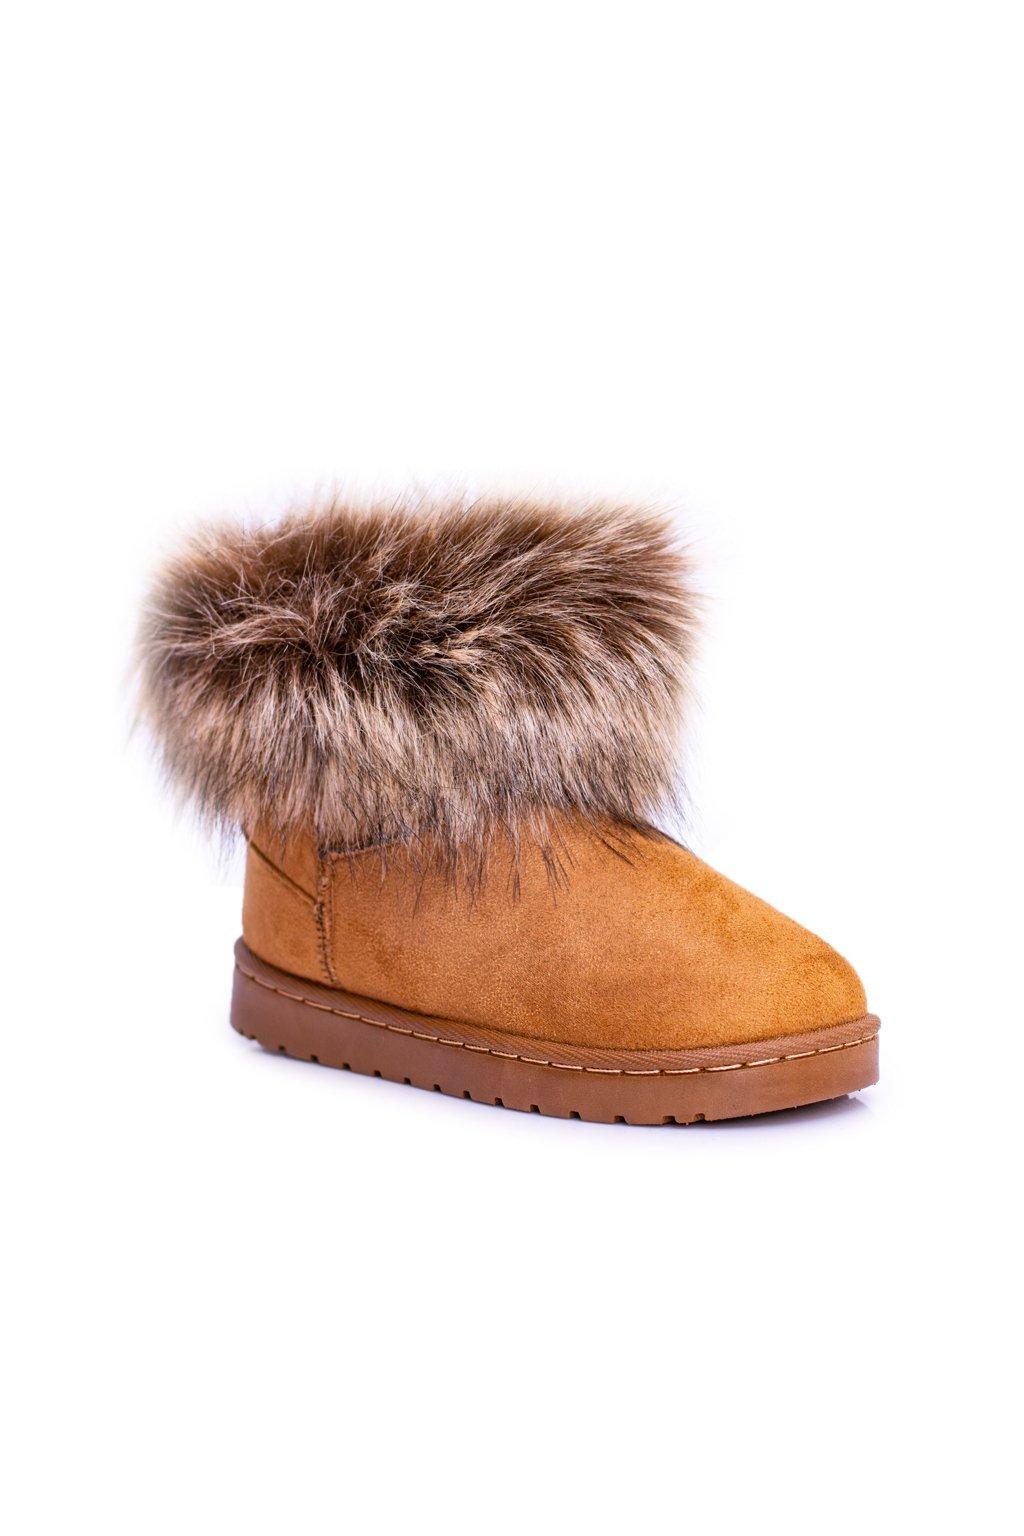 Dámske členkové topánky snehule s kožušinou ťavia Small Fox